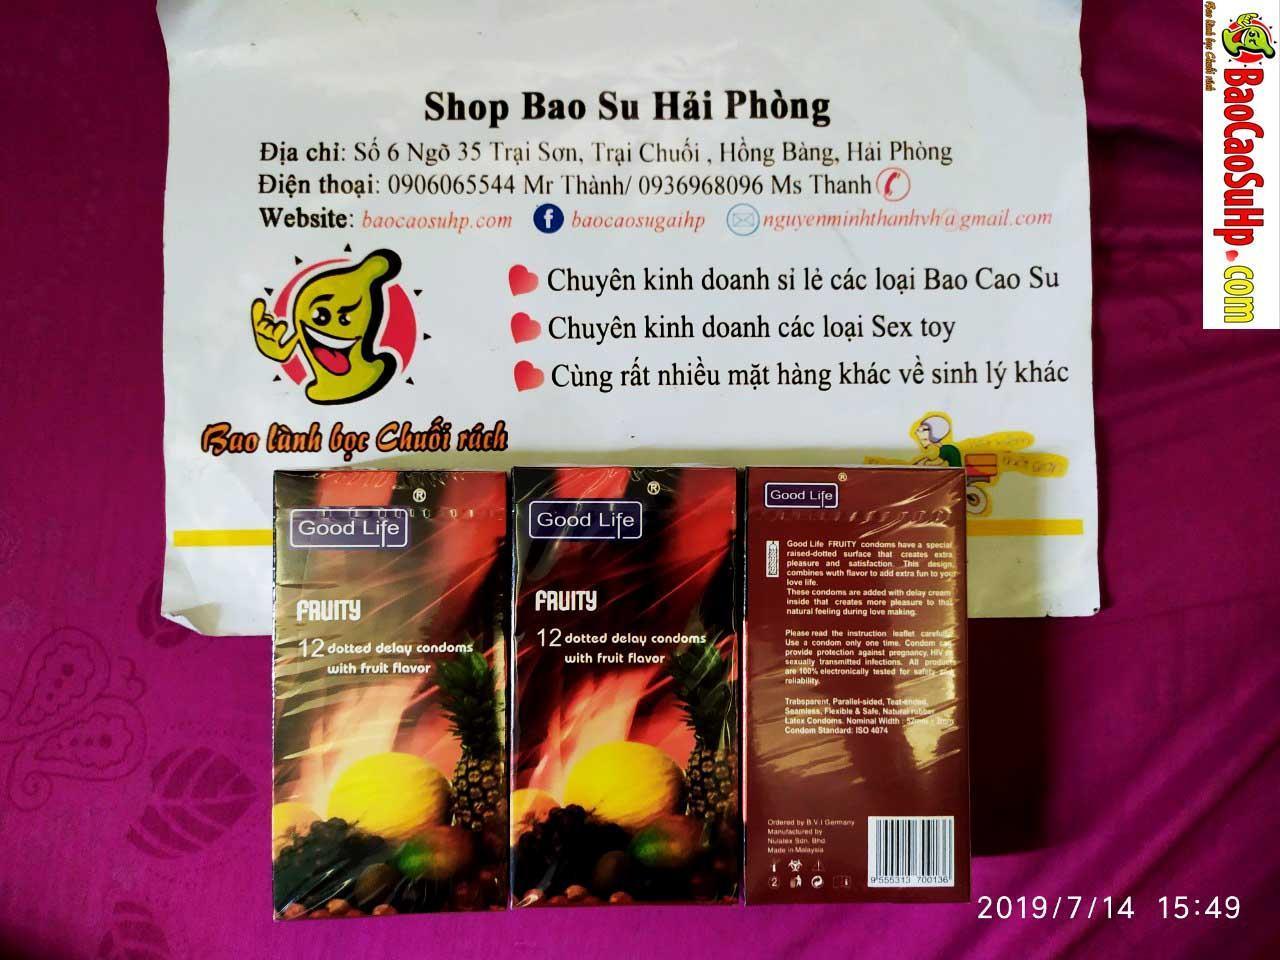 20190714213515 9134130 bao cao su good life hoa qua thom mat - Bao cao su good life fruity hoa quả thơm mát